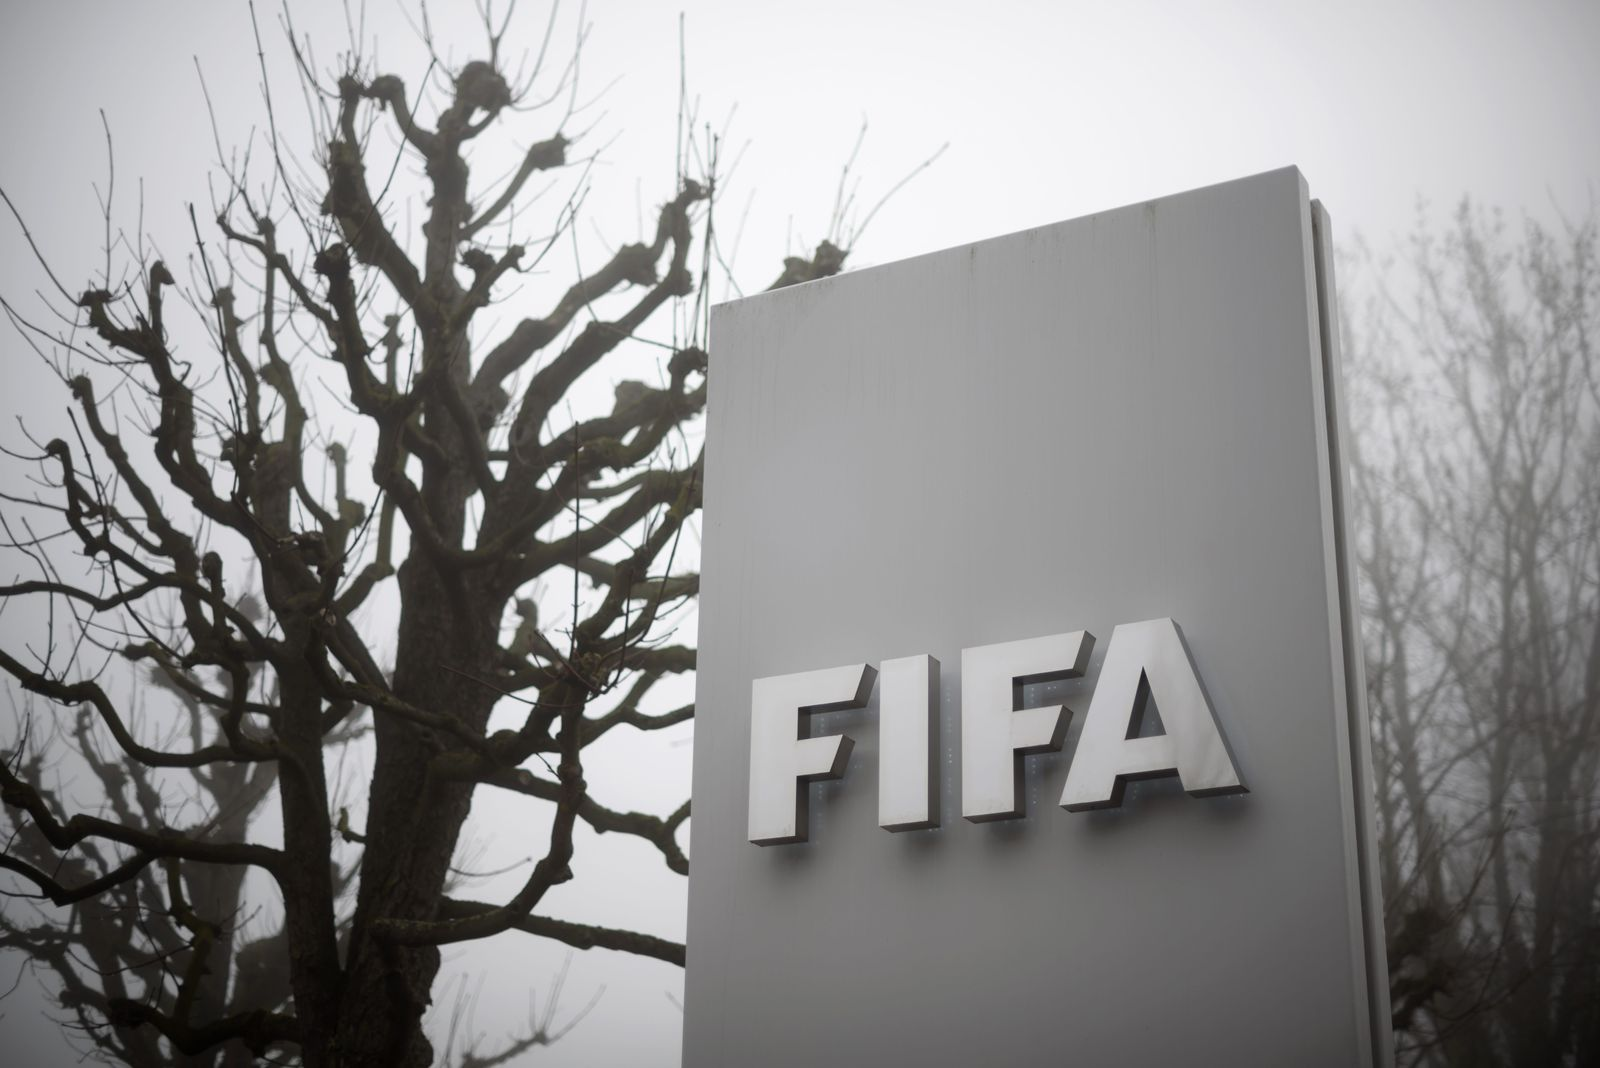 SWITZERLAND-FBL-FIFA-CORRUPTION-ARRESTS